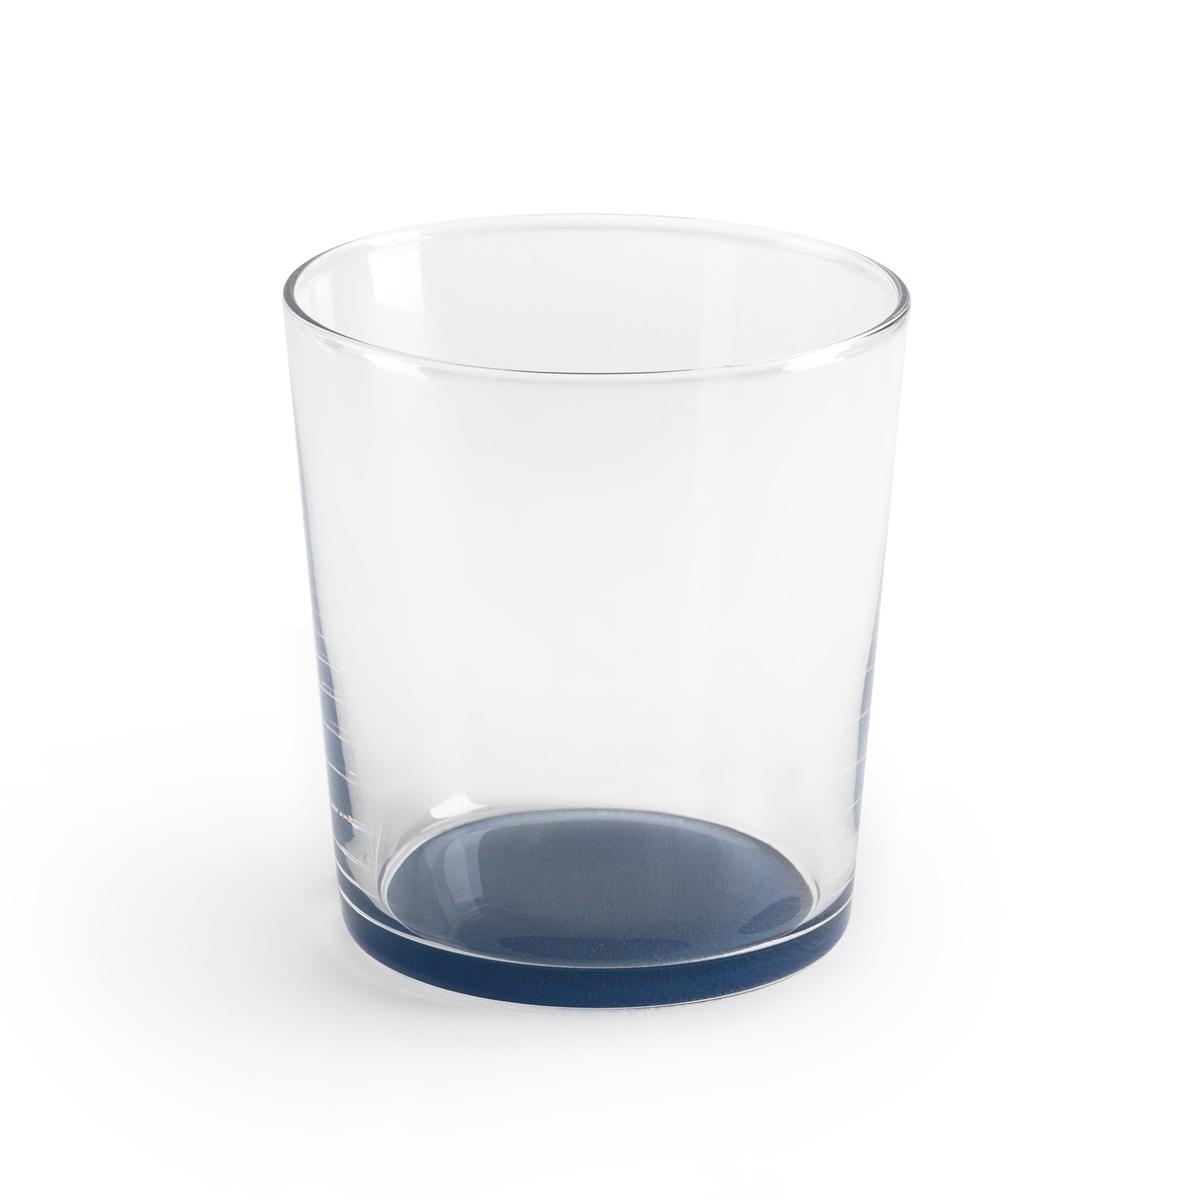 Комплект из бокалов с La Redoute Цветным дном LASIALE единый размер синий этажерка la redoute с полками remia единый размер белый